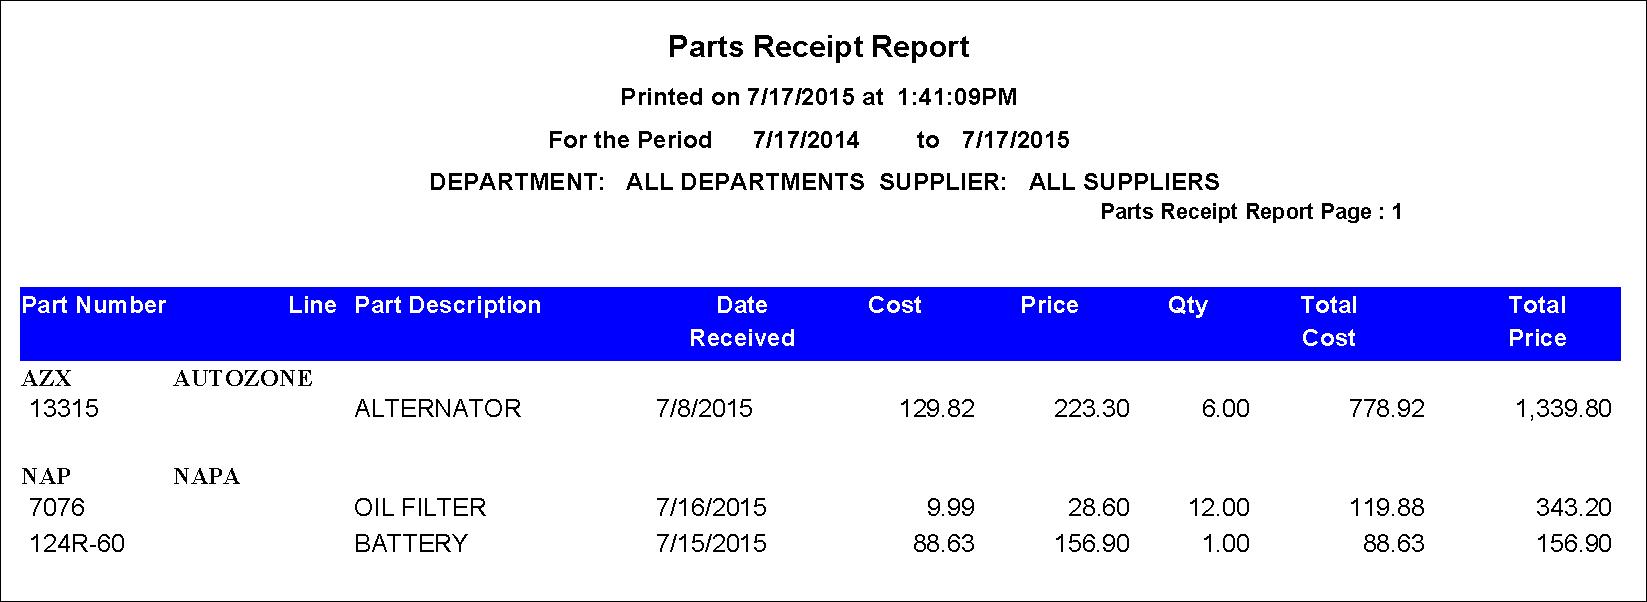 parts receipt report